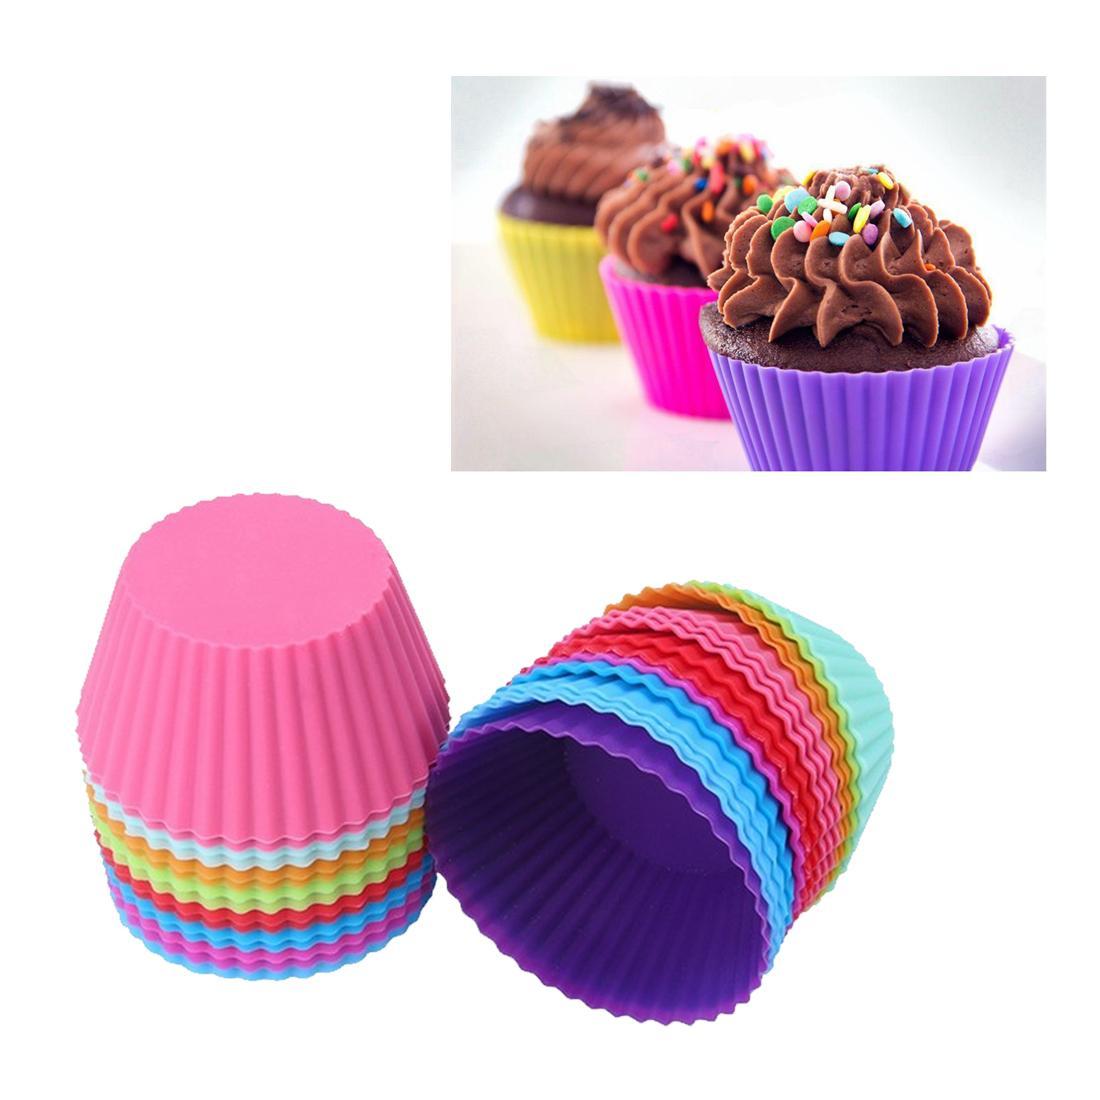 Venda imperdível! Caso Mold forma redonda Silicone Muffin Cupcake Bakeware fabricante de moldes Assadeira Cup Liner Baking Moldes